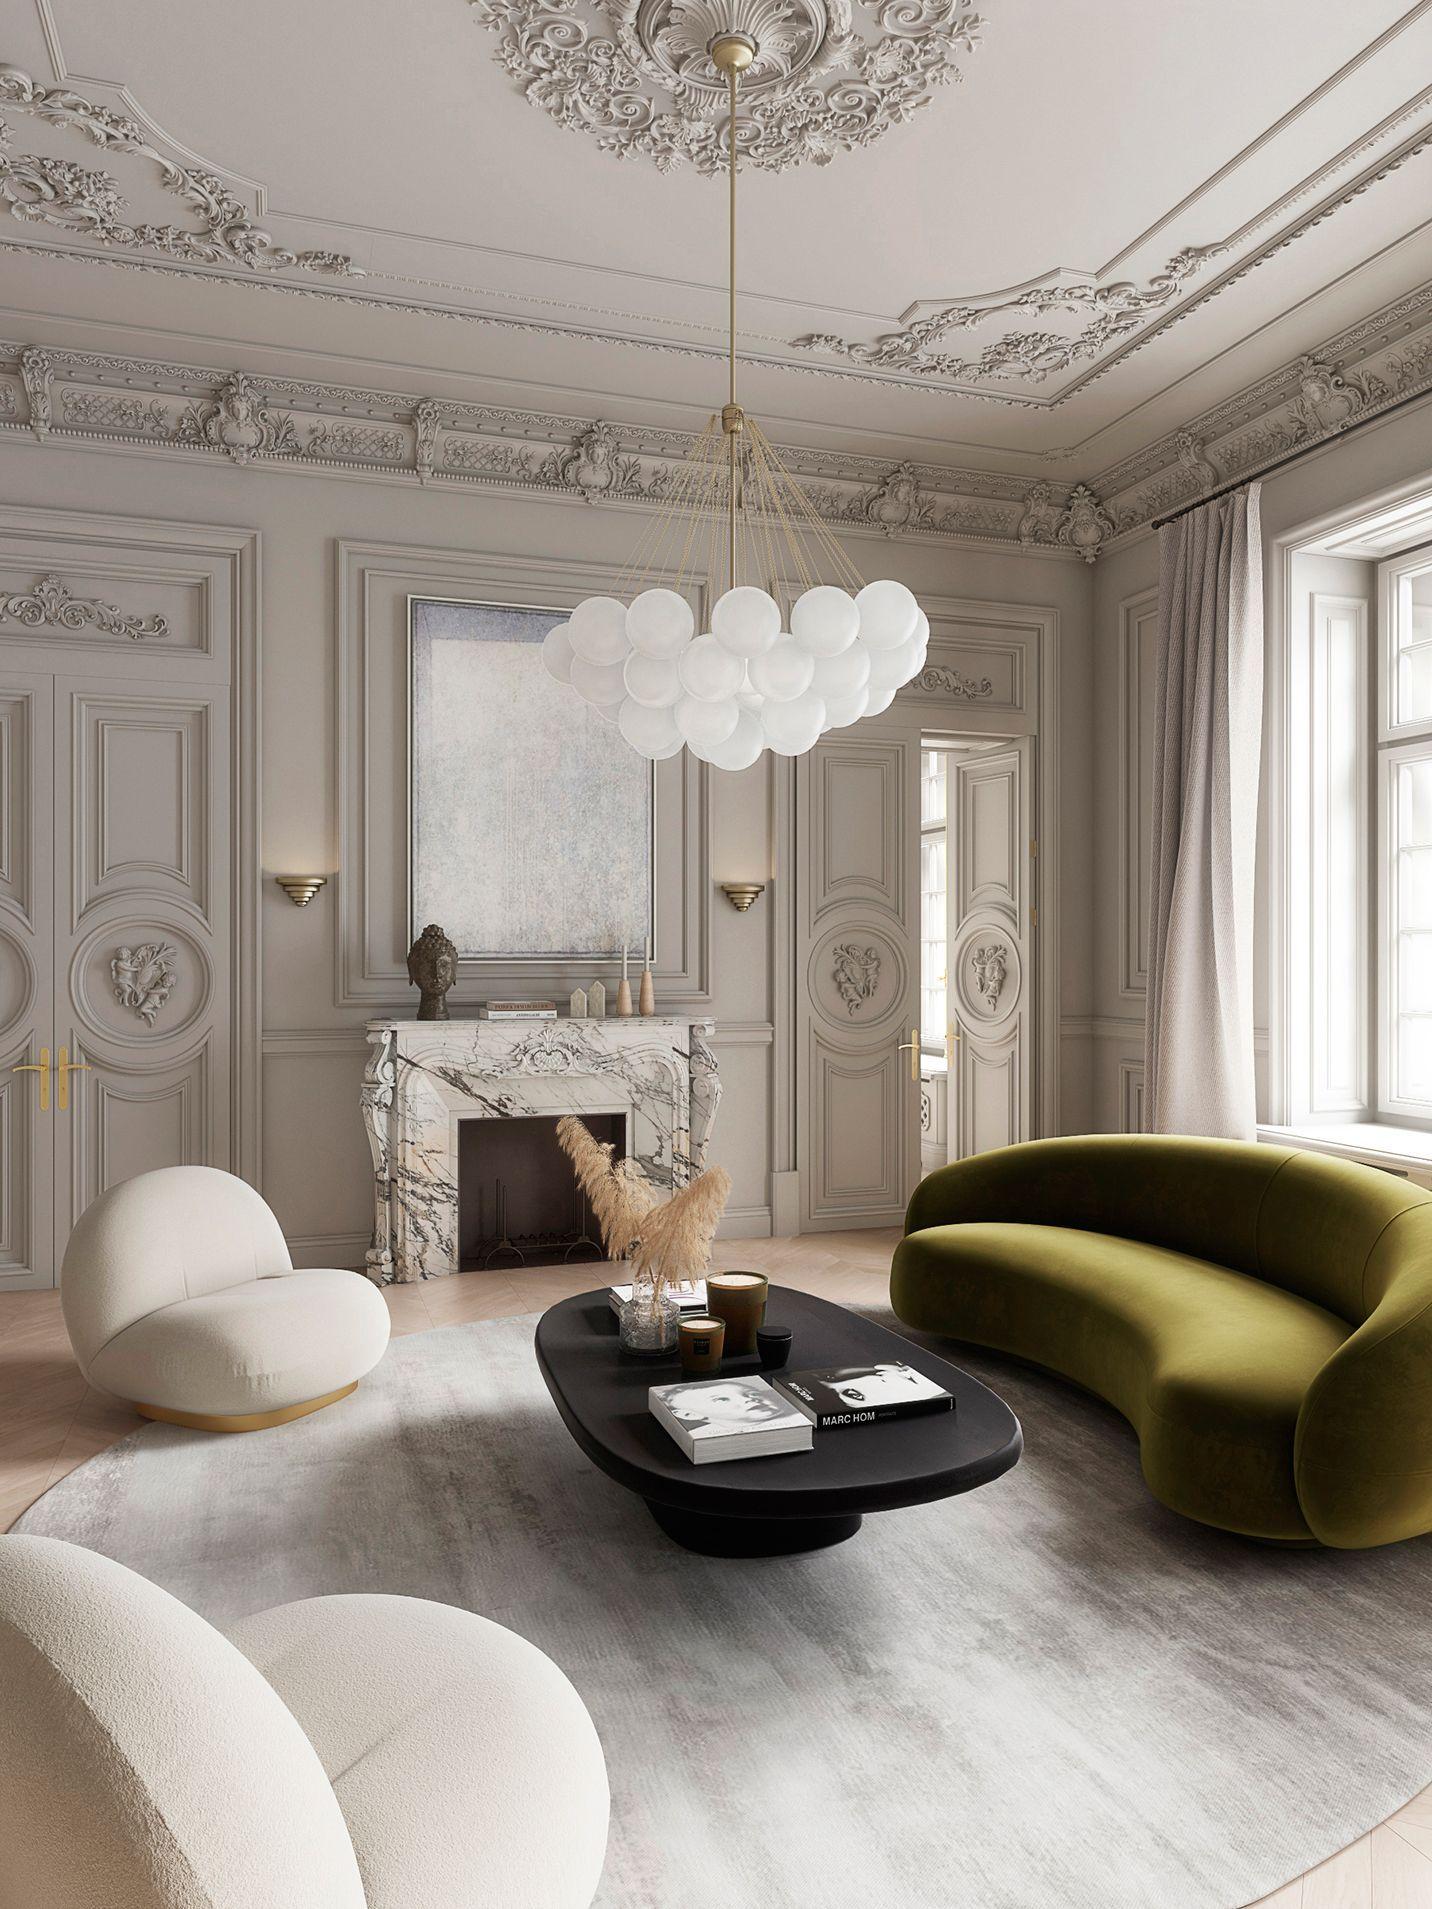 Quadri Classici Per Arredamento 182 metri quadri di classico rivisitato a milano | idee di